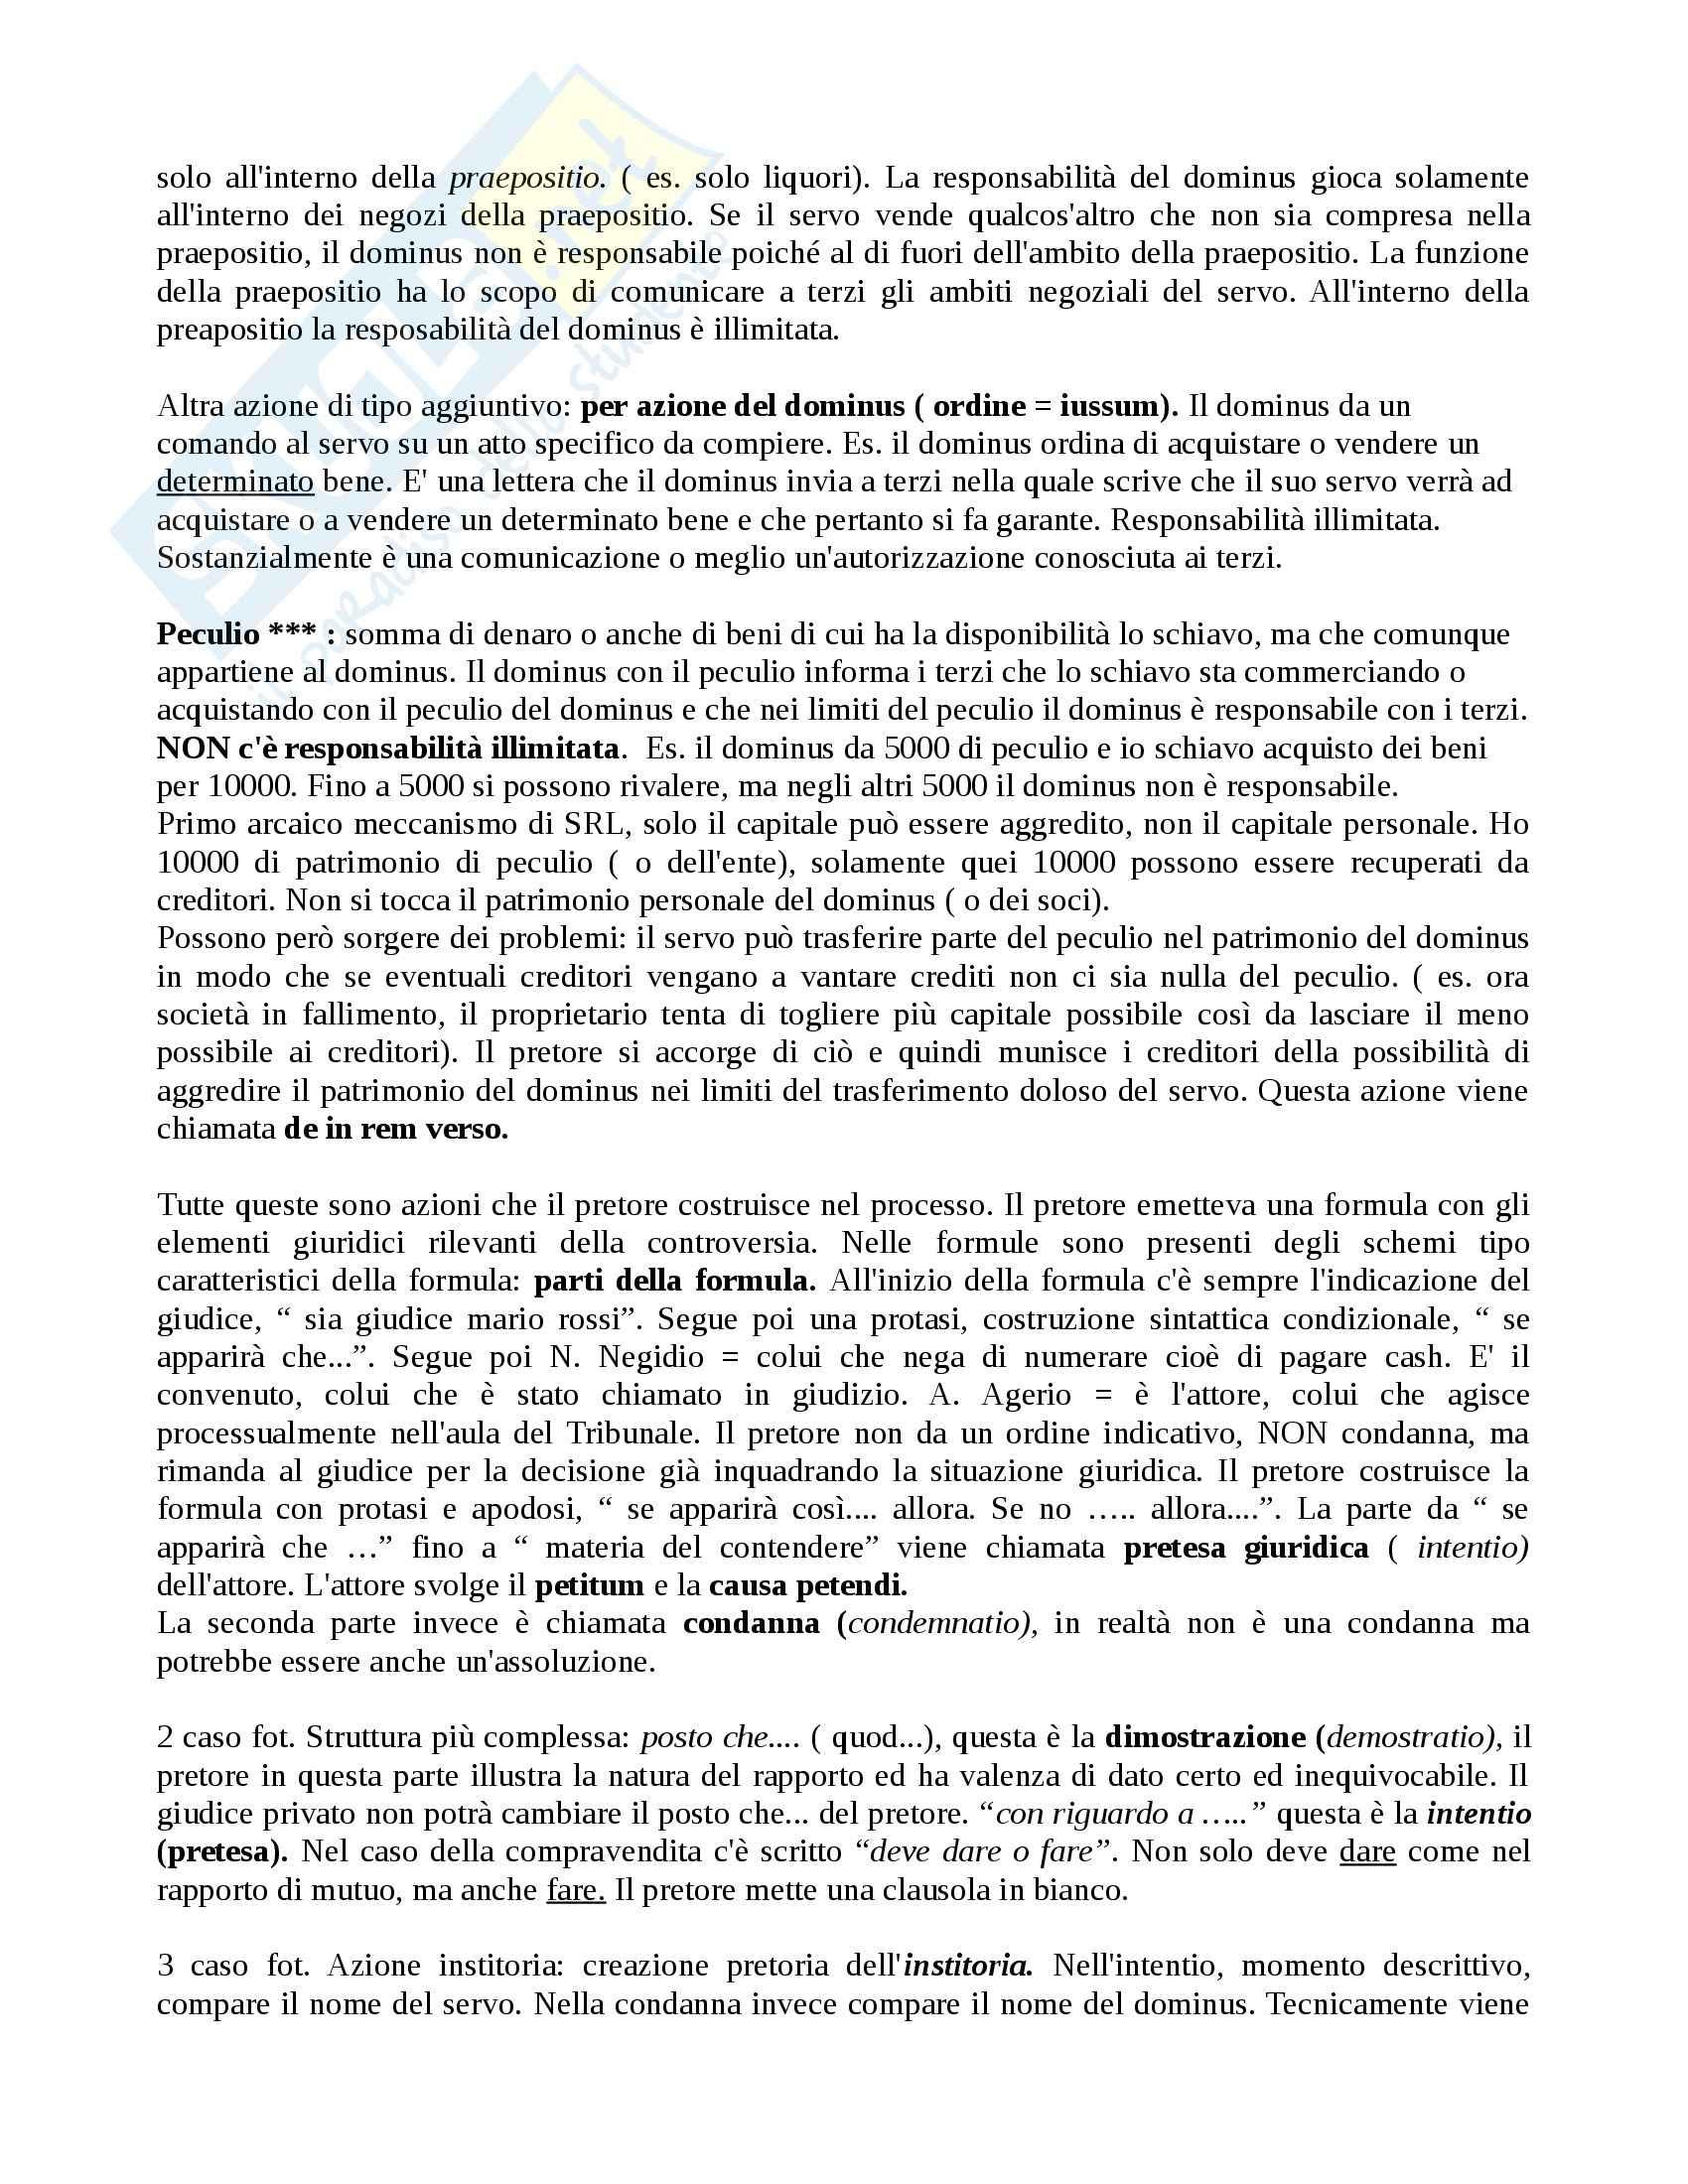 Istituzioni di diritto romano - nozioni e Appunti Pag. 11